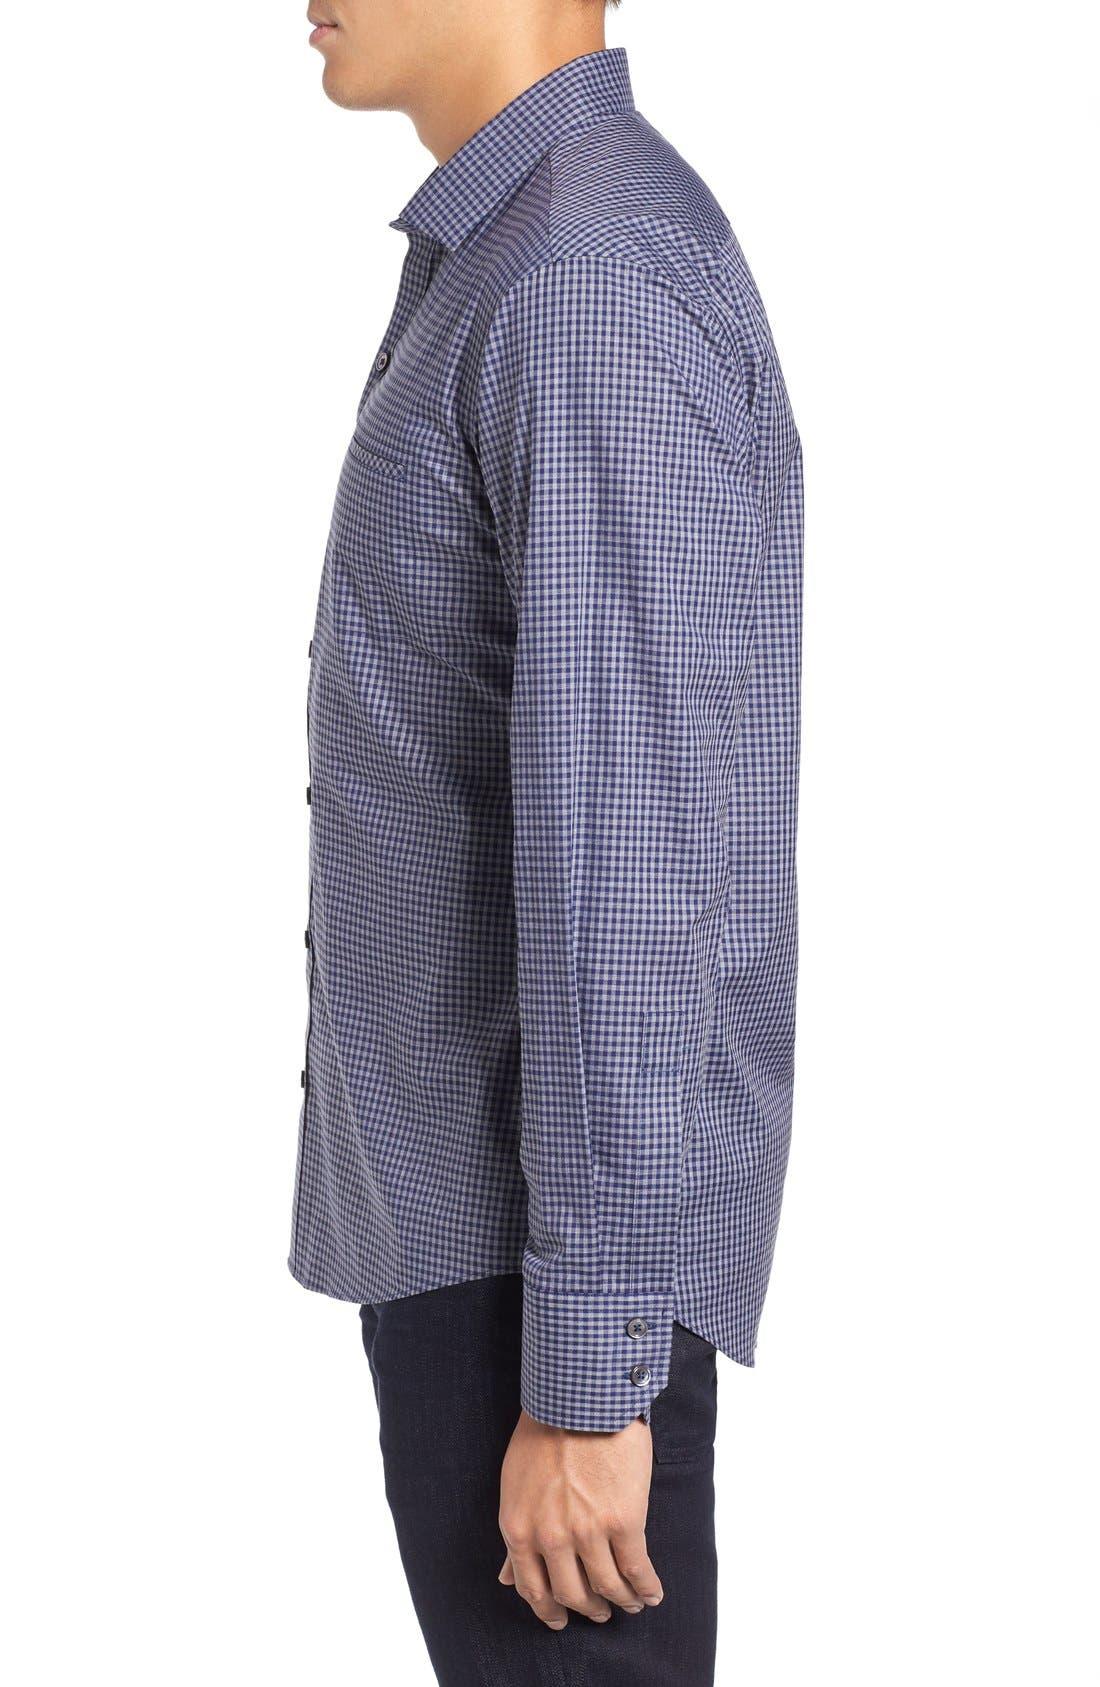 Fitzpatrick Trim Fit Sport Shirt,                             Alternate thumbnail 3, color,                             400